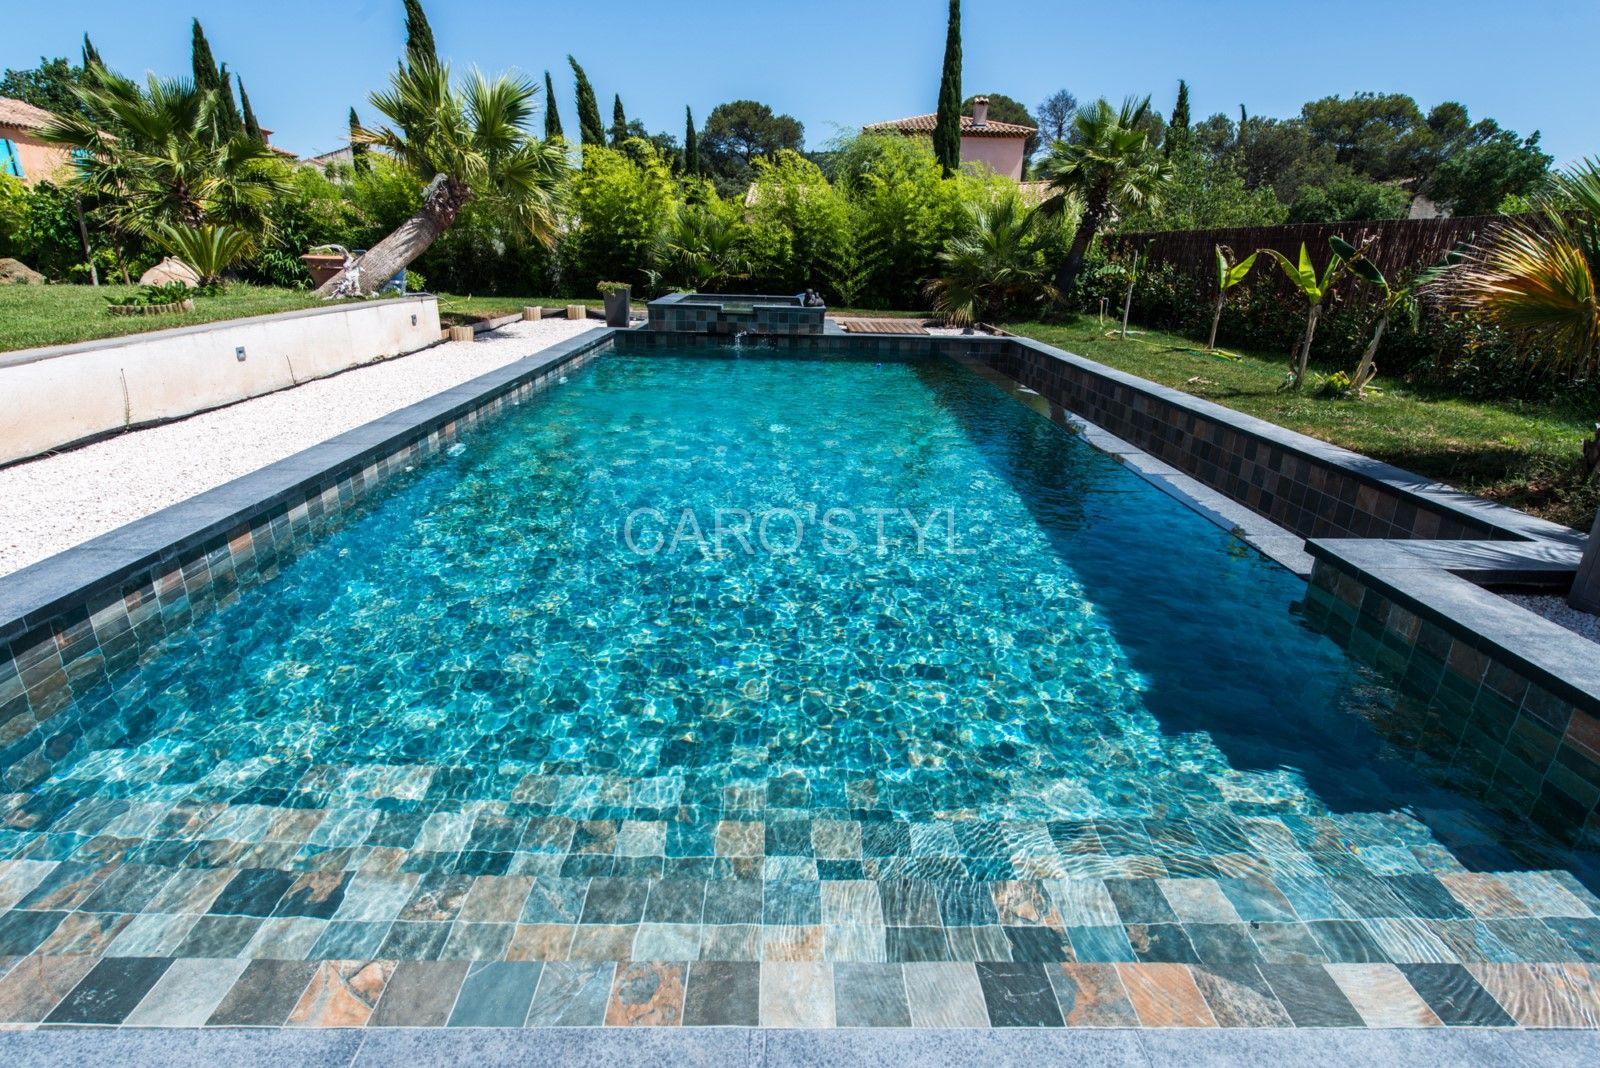 Optez Pour Un Carrelage Jamais Vu Le Green Bali Imitation Parfaite De La Pierre Indonesienne Piscine Rectangulaire Piscine Dallage Piscine